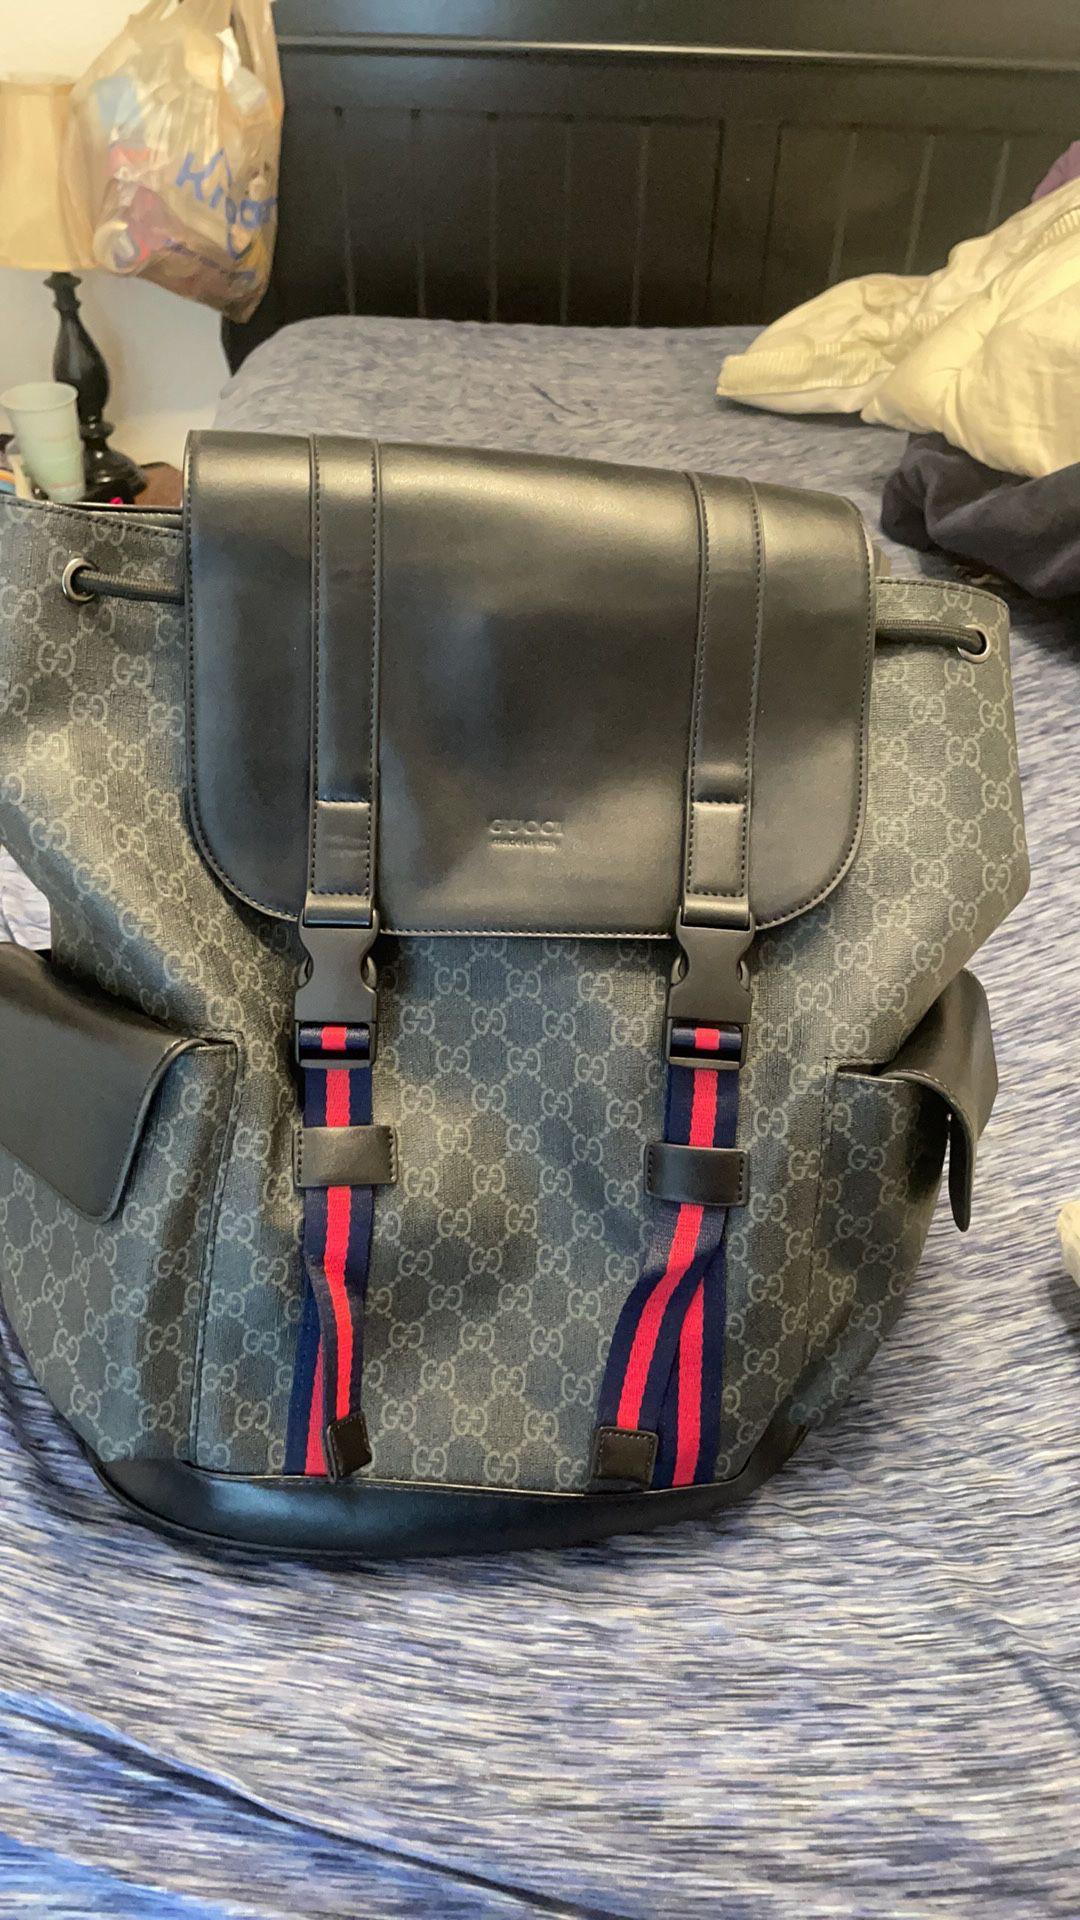 Black Gucci backpack